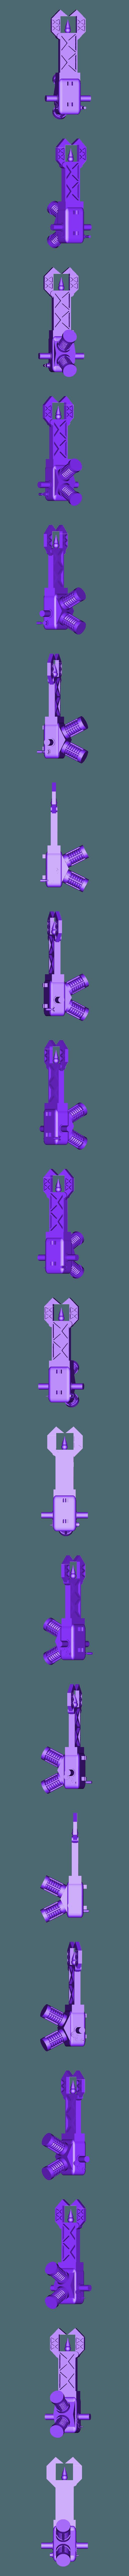 zapper_A.stl Télécharger fichier STL gratuit Orc / ork Zapper / Zzzap gun 28mm wargames • Design pour impression 3D, redstarkits